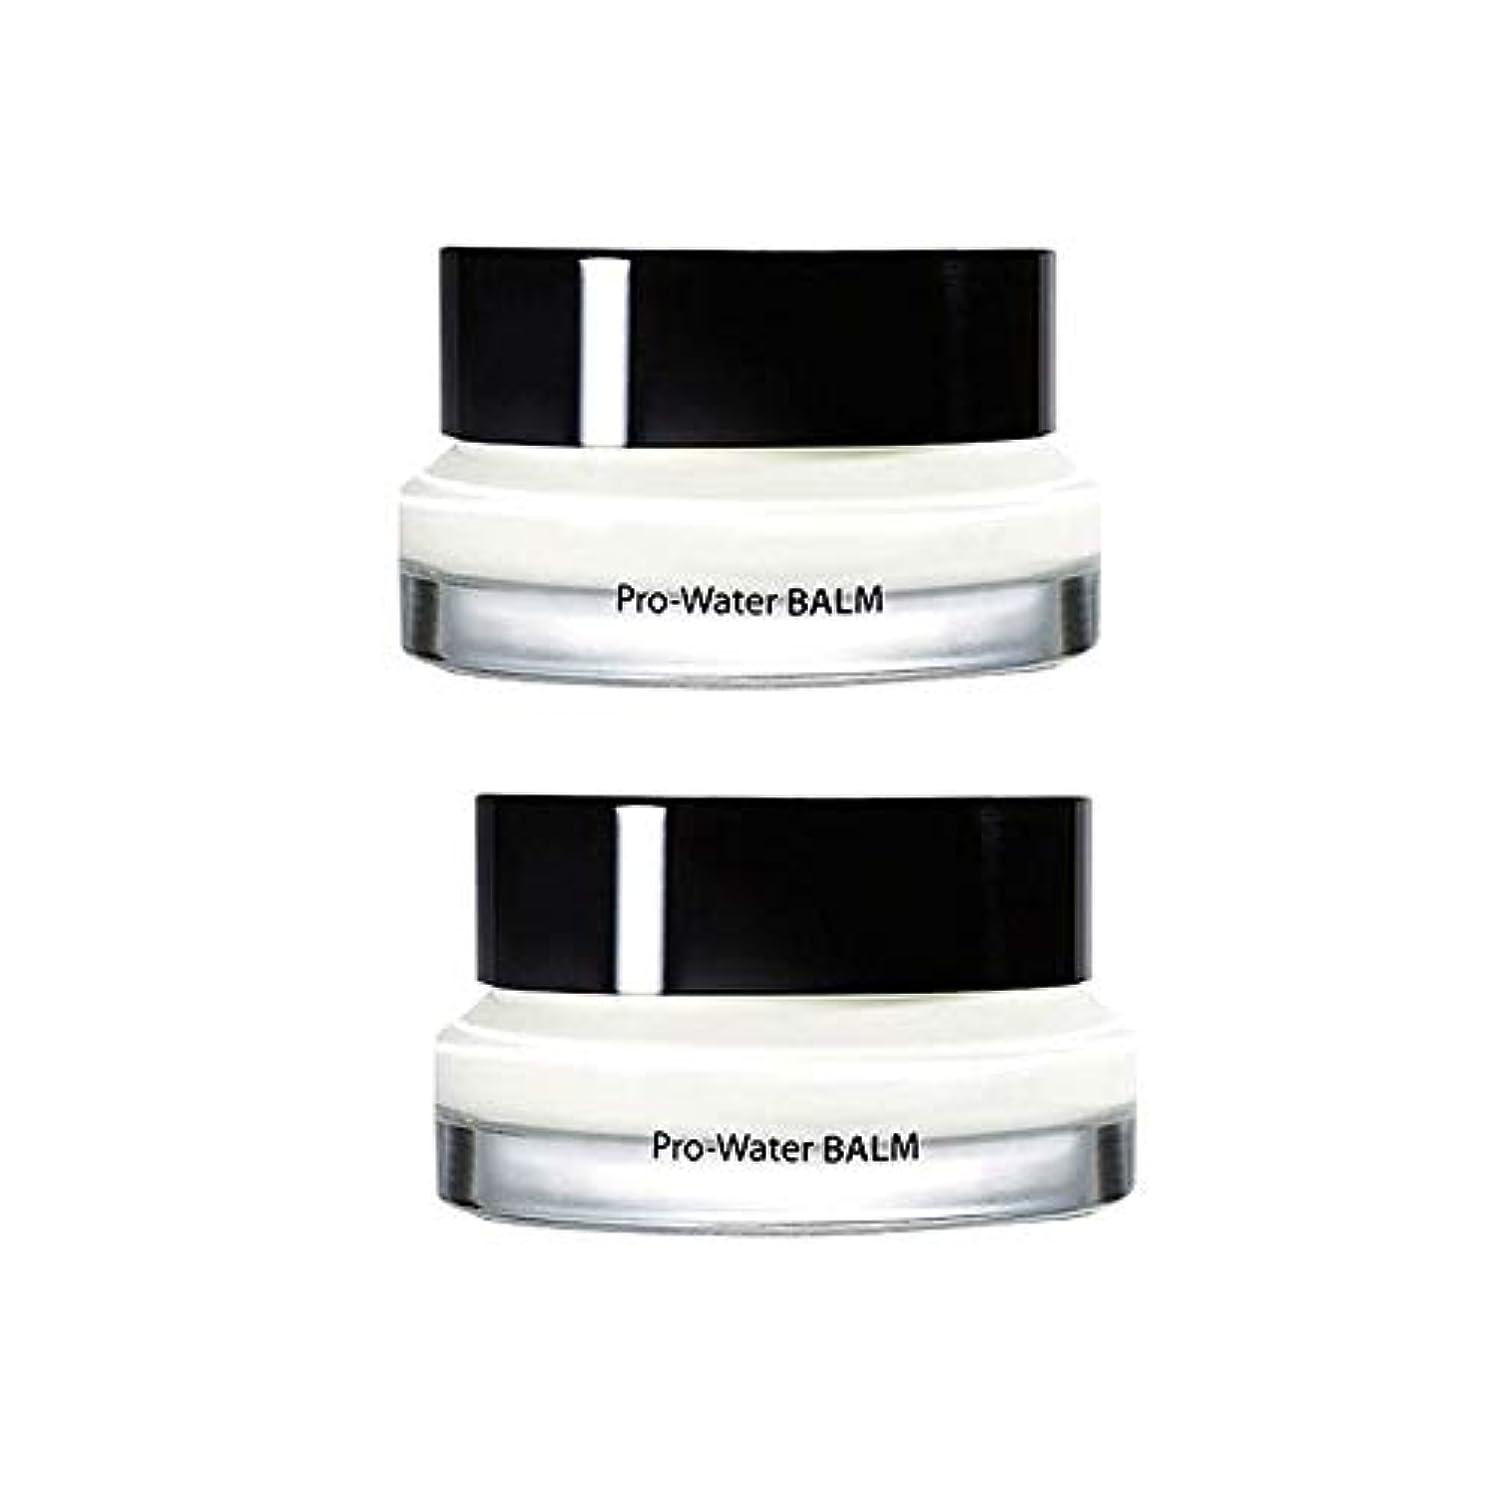 有罪忌避剤寝室ルナプロウォーターbalm 50mlx2本セット韓国コスメ、Luna Pro-Water Balm 50ml x 2ea Set Korean Cosmetics [並行輸入品]